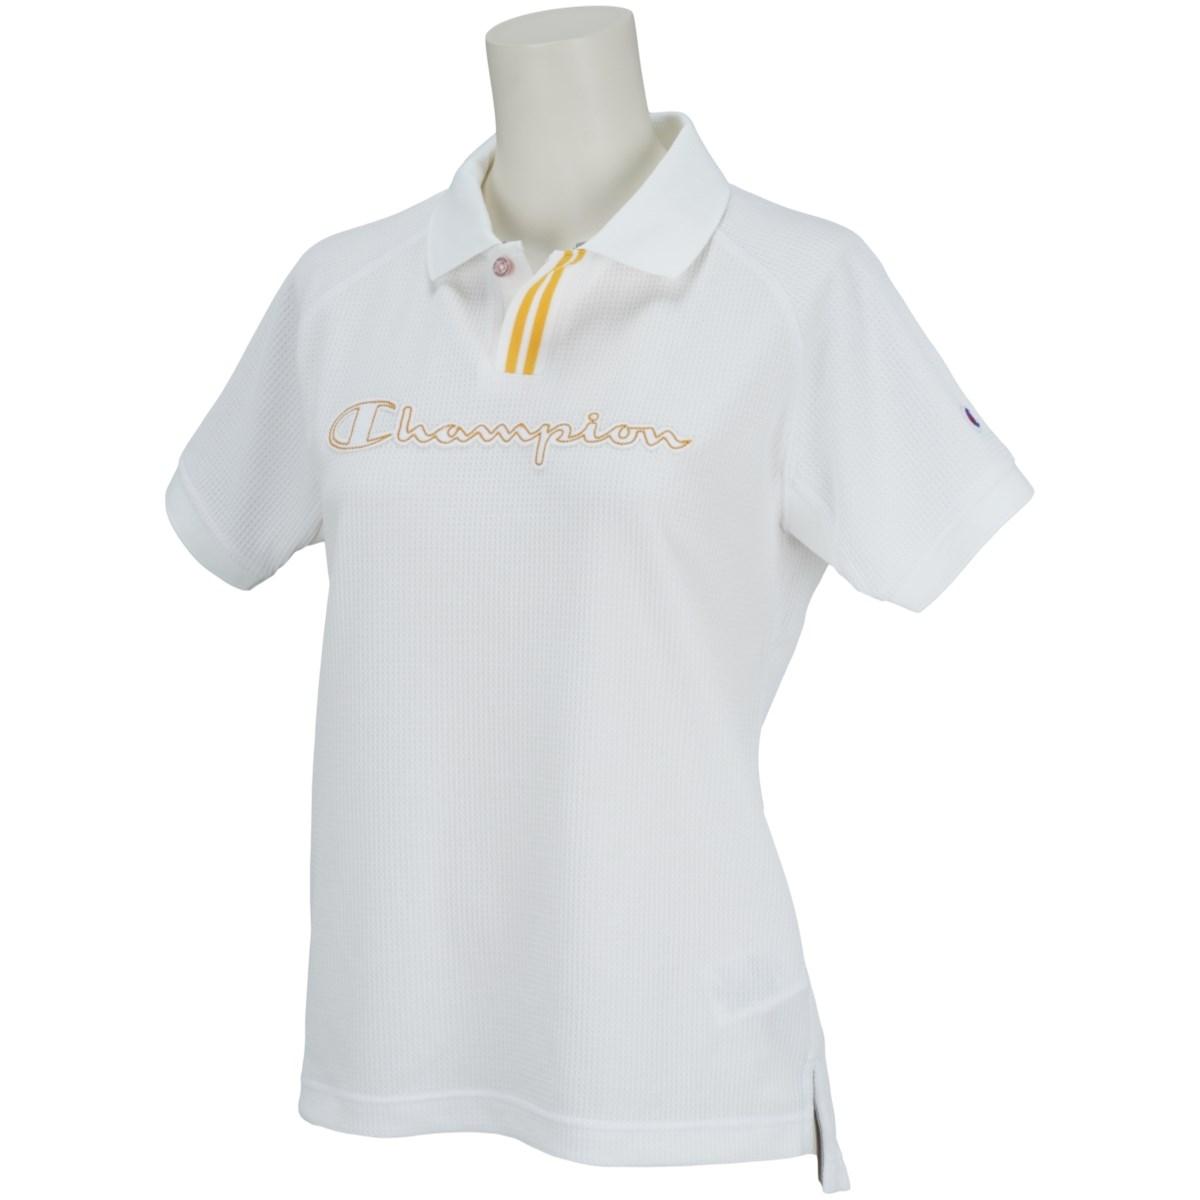 チャンピオンゴルフ Champion GOLF ストレッチワッフル 半袖ポロシャツ L オフホワイト 020 レディス